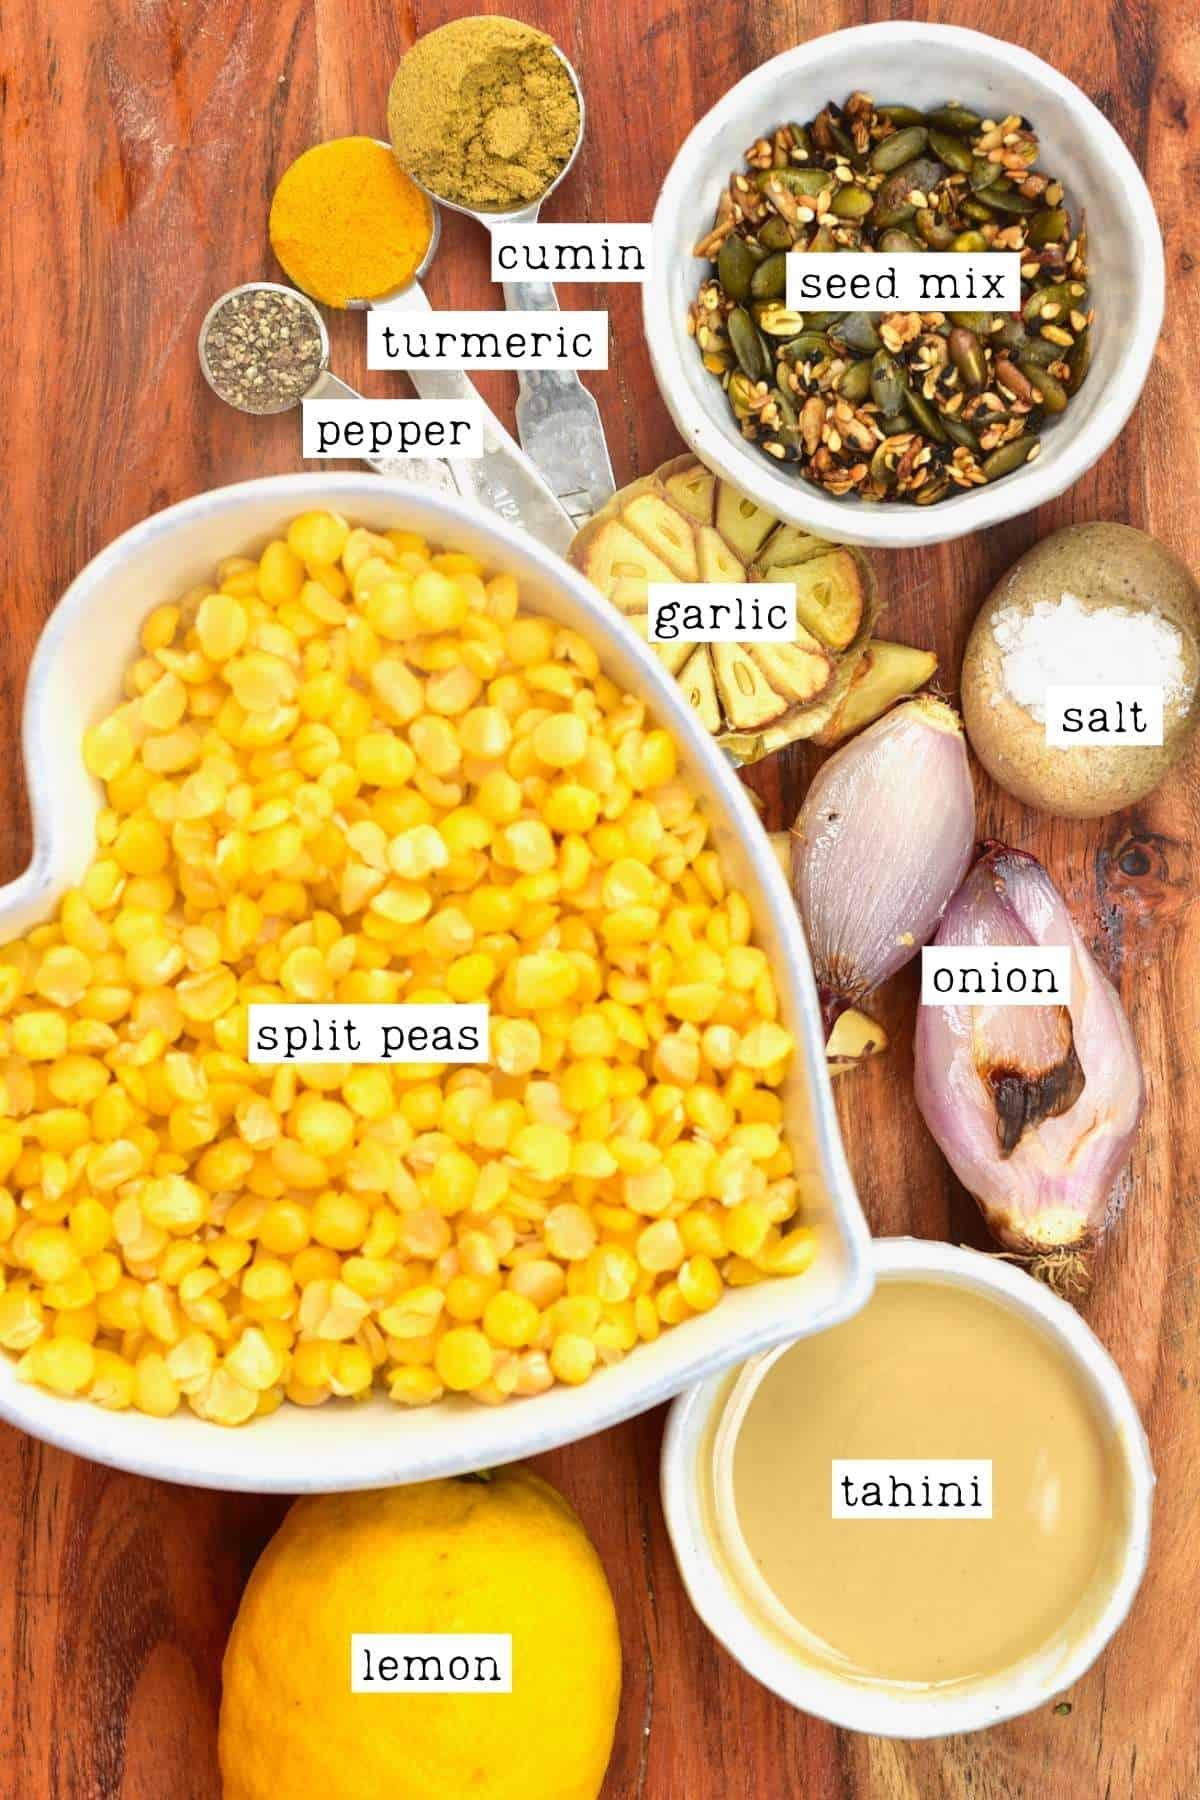 Ingredients for split pea dip